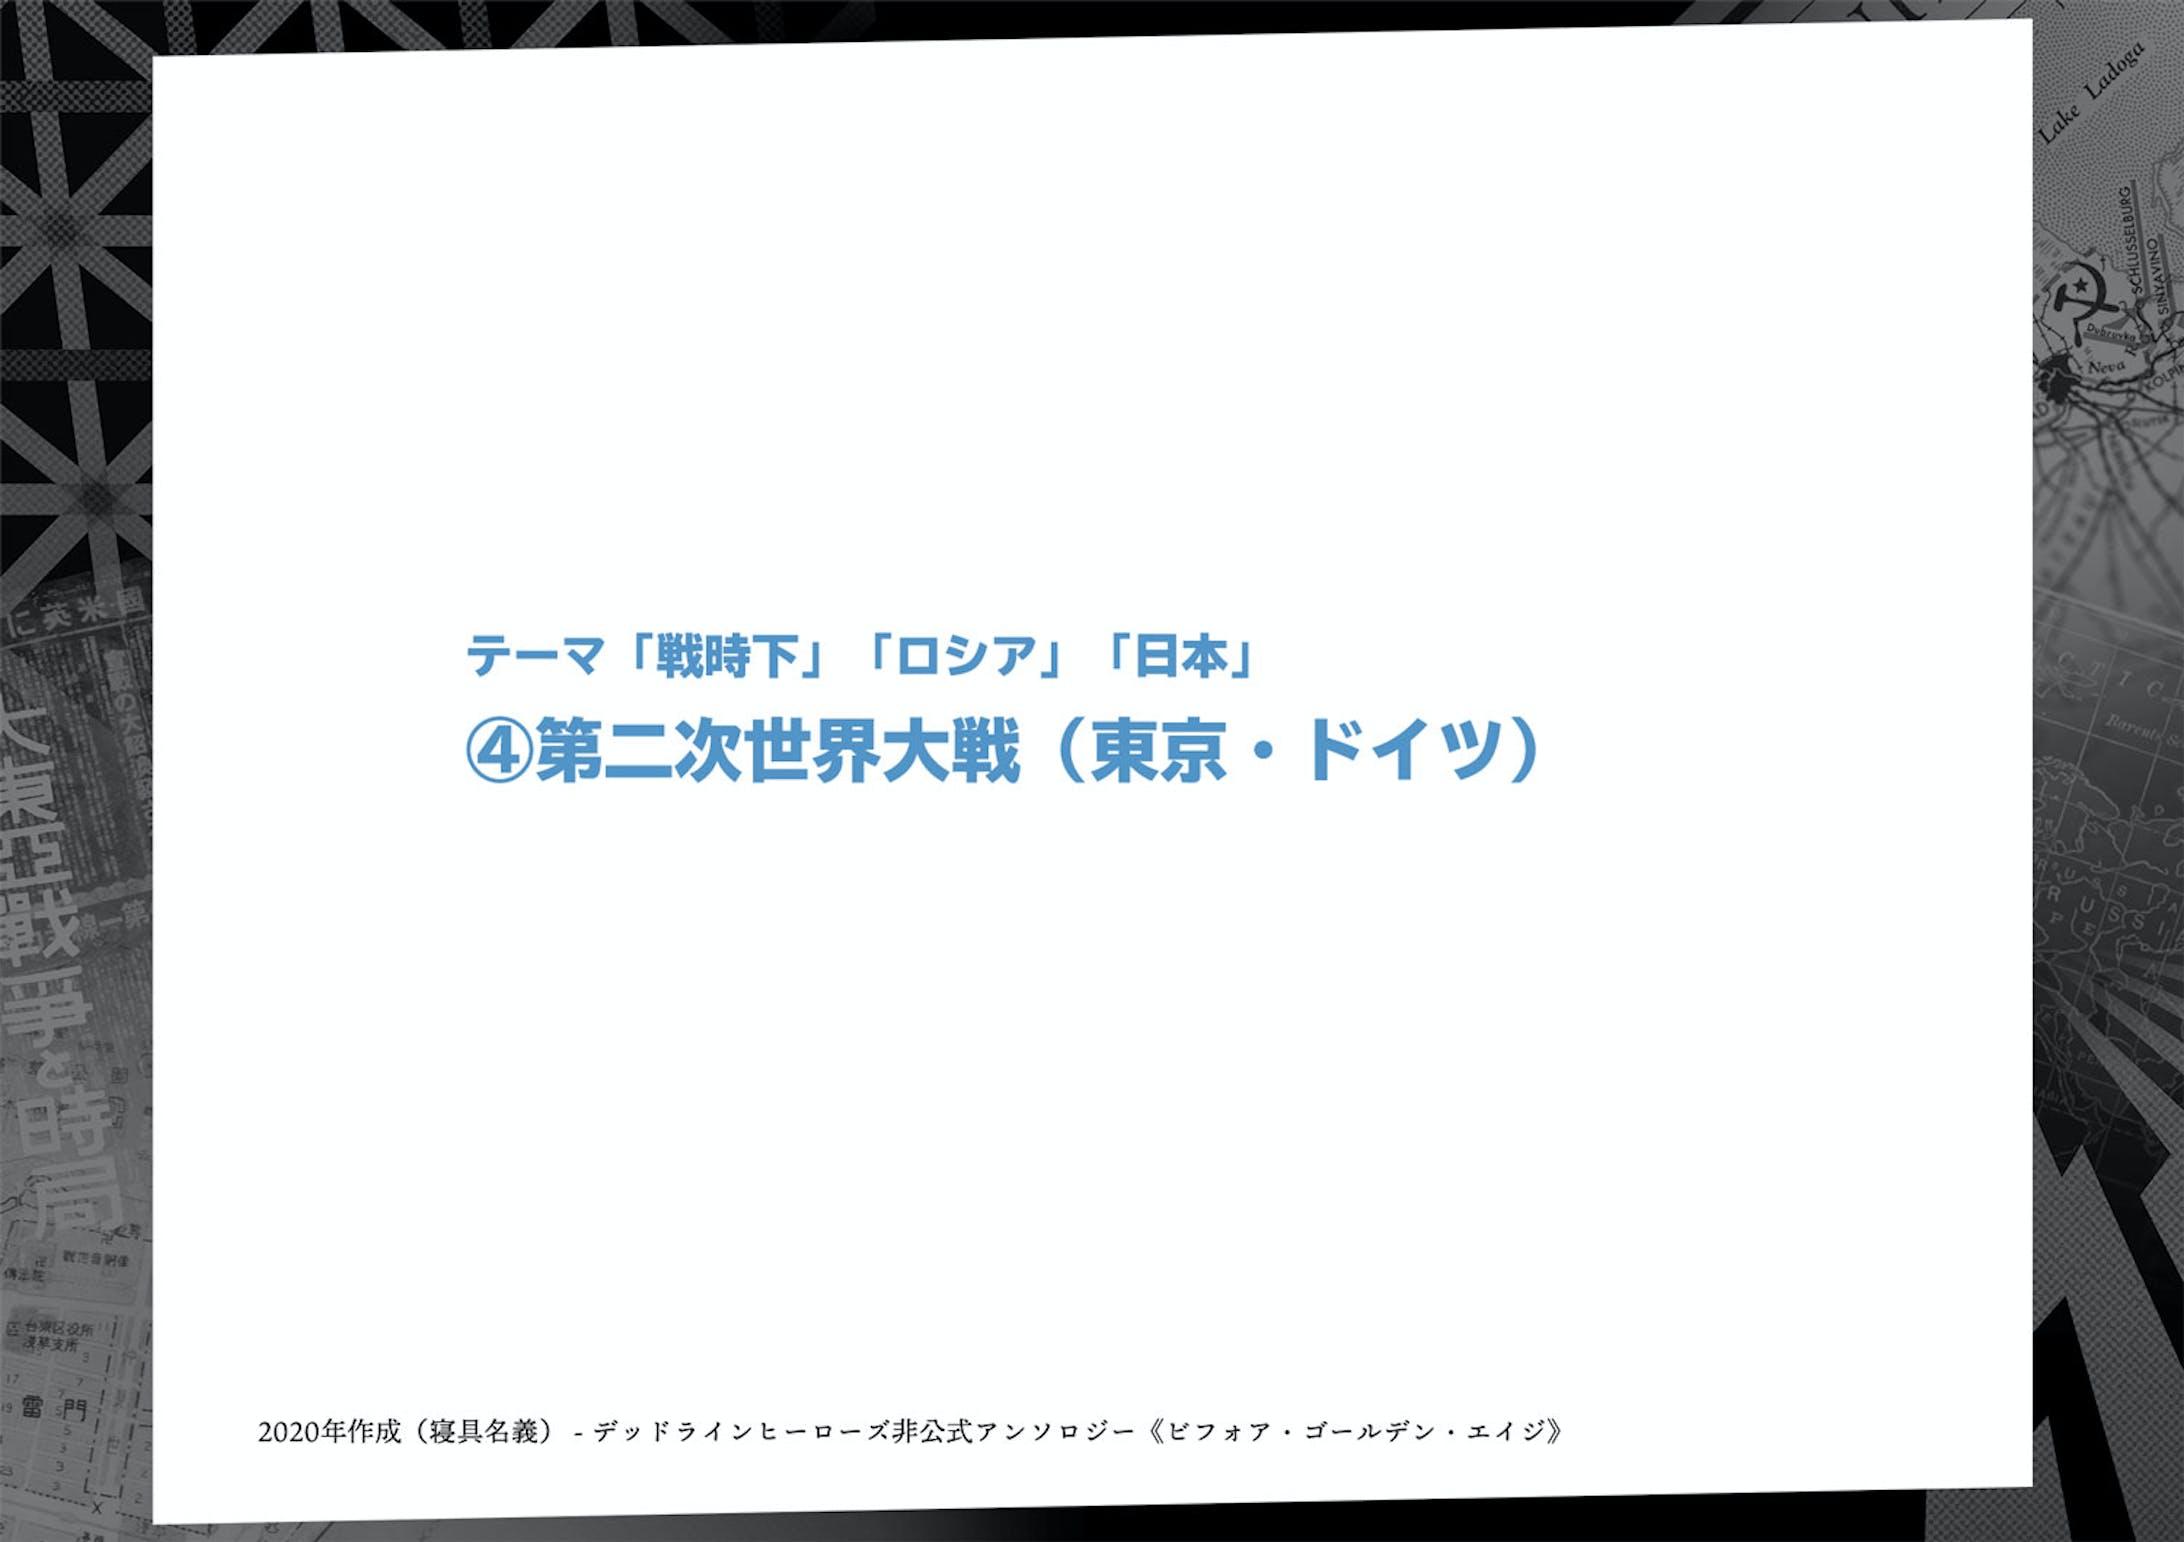 歴史系冊子 余白デザイン-7